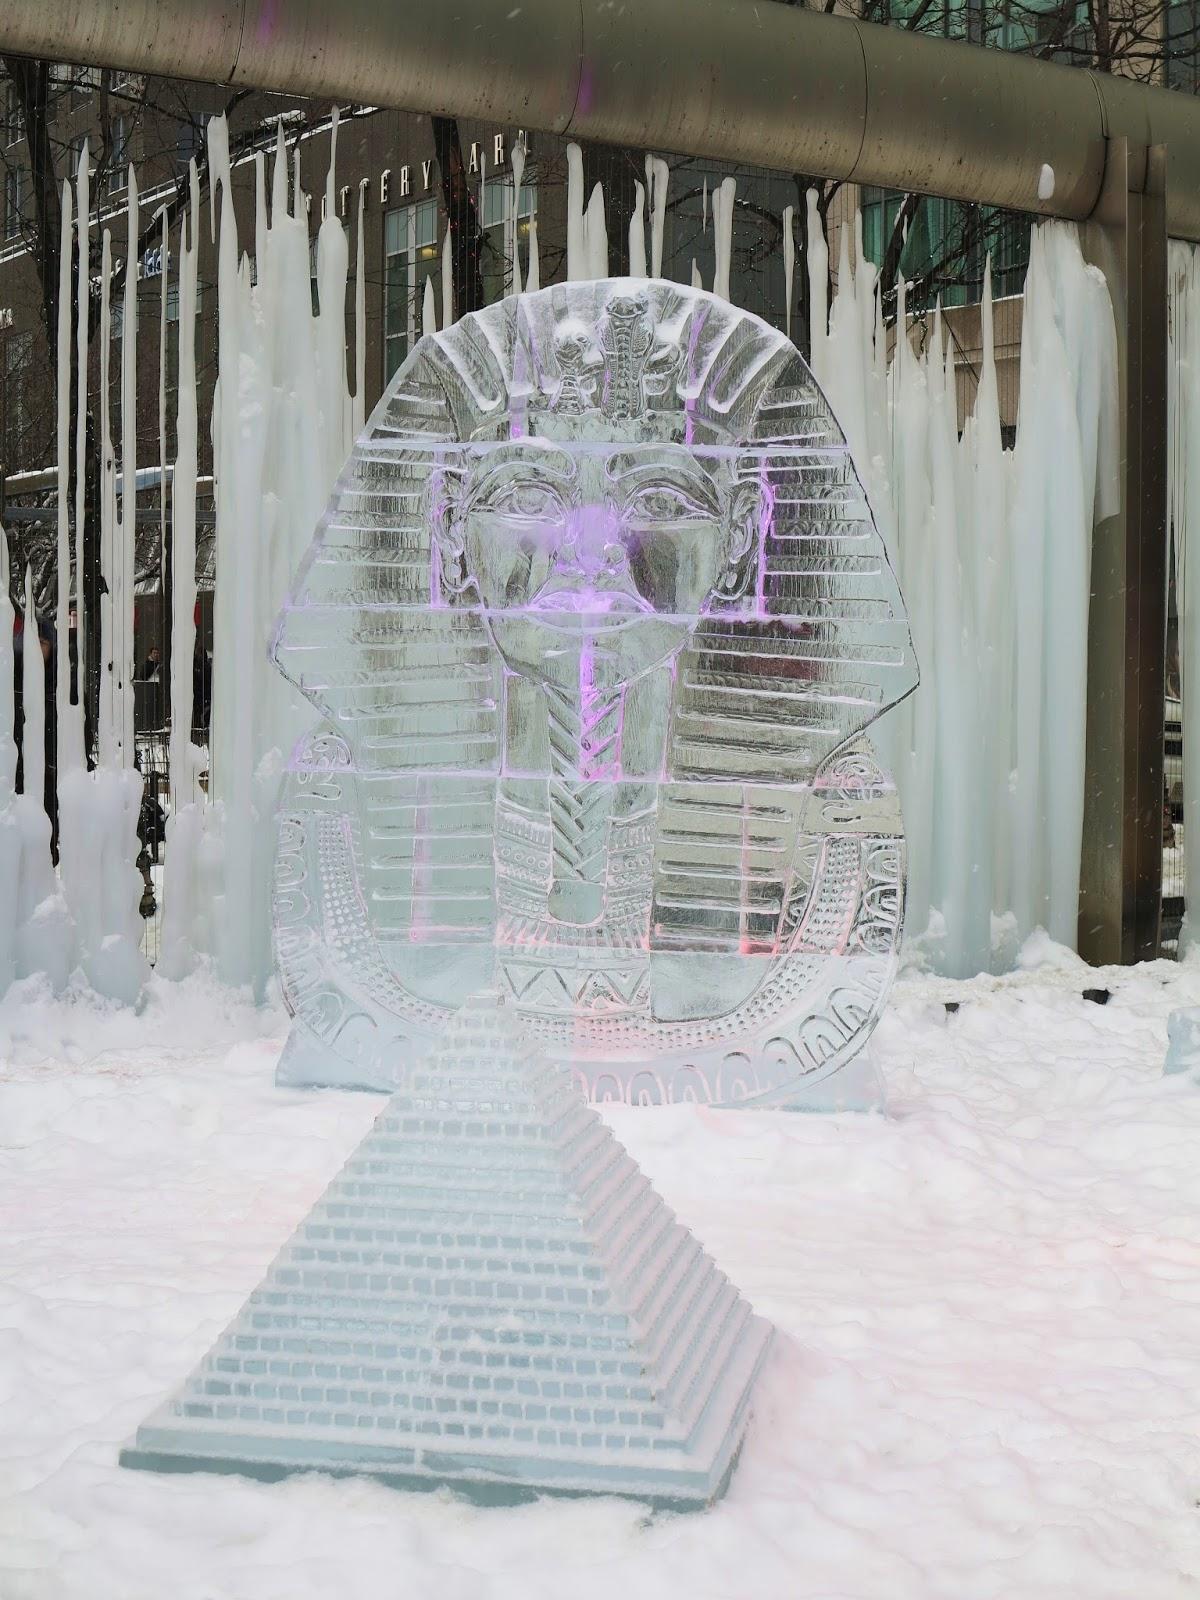 toronto ice fest